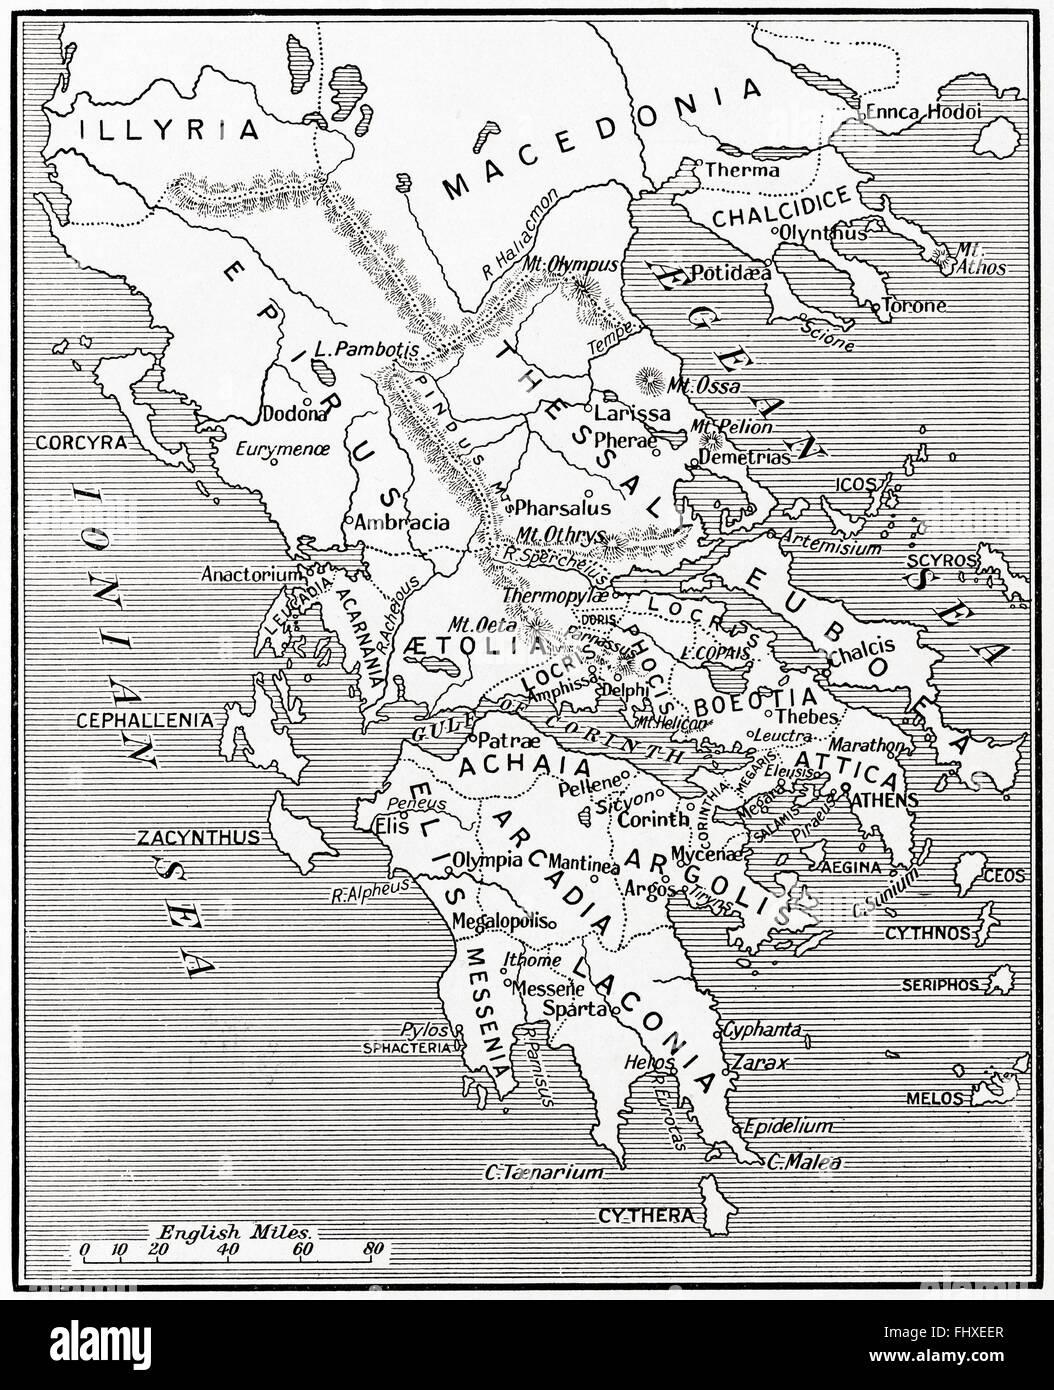 Cartina Della Grecia Antica In Italiano.Mappa Della Grecia Antica 500 300 A C Foto Stock Alamy